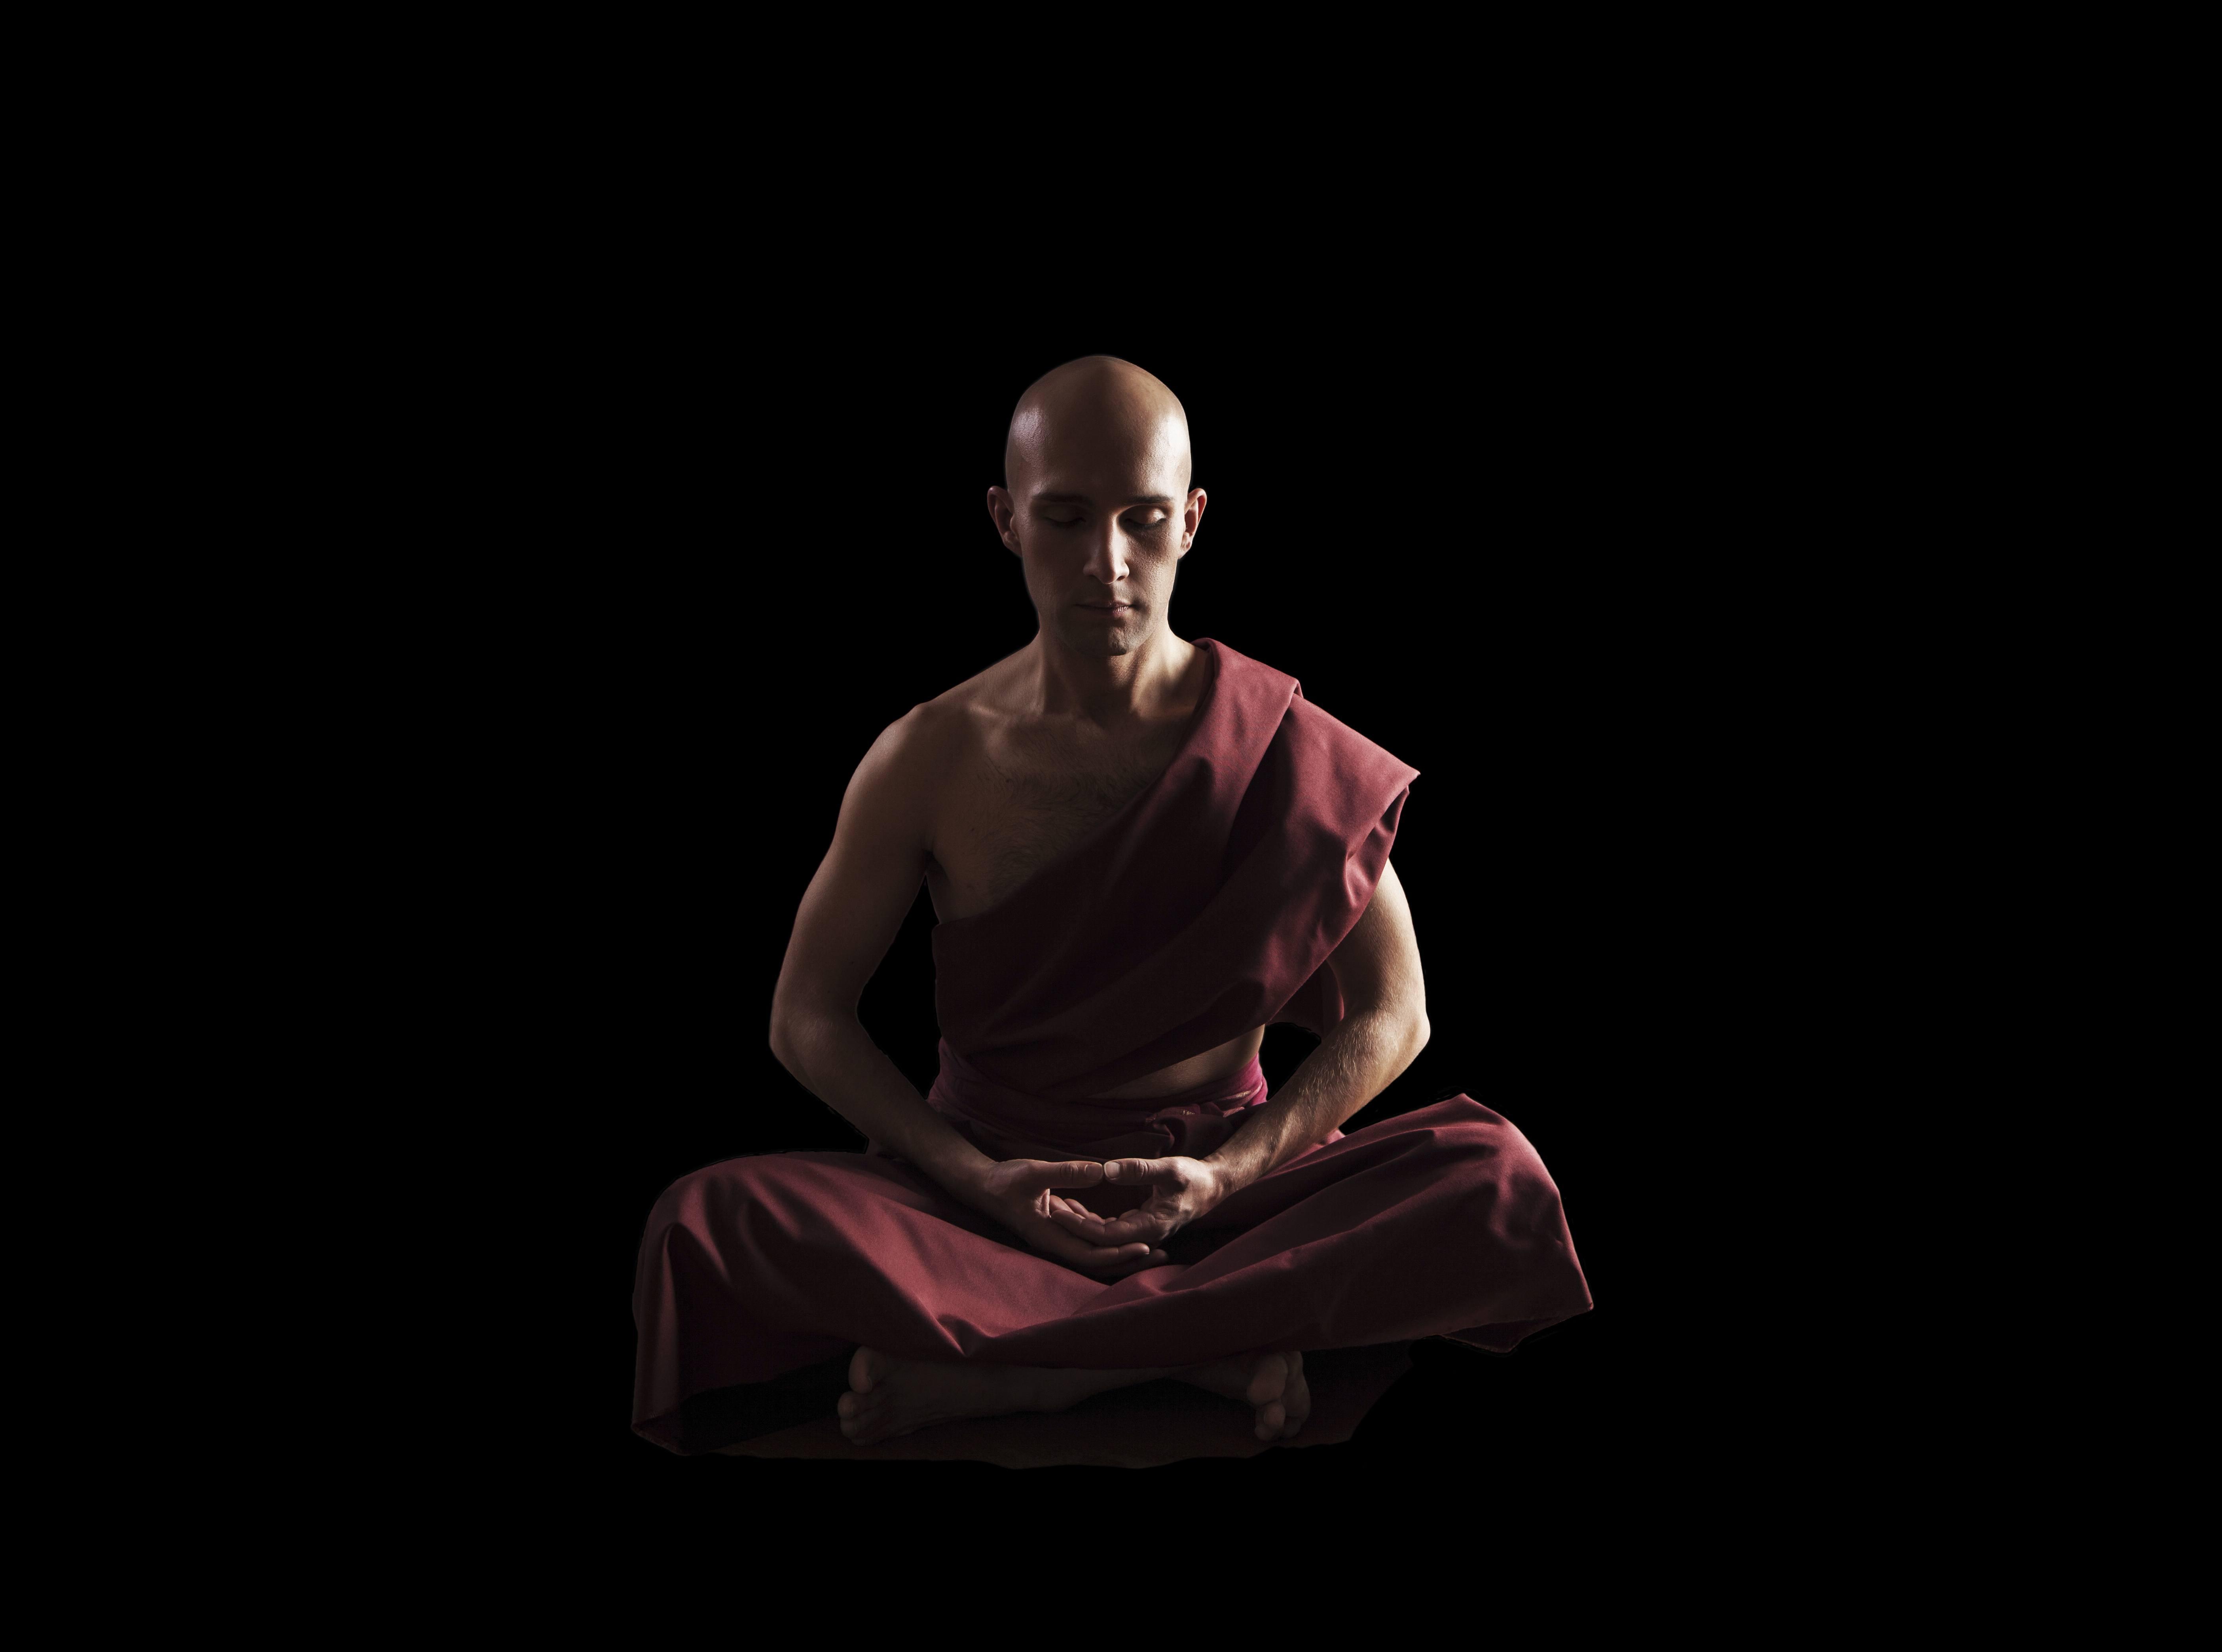 Pensamientos sobre pensamientos Monje zen meditando en almayogavida.com